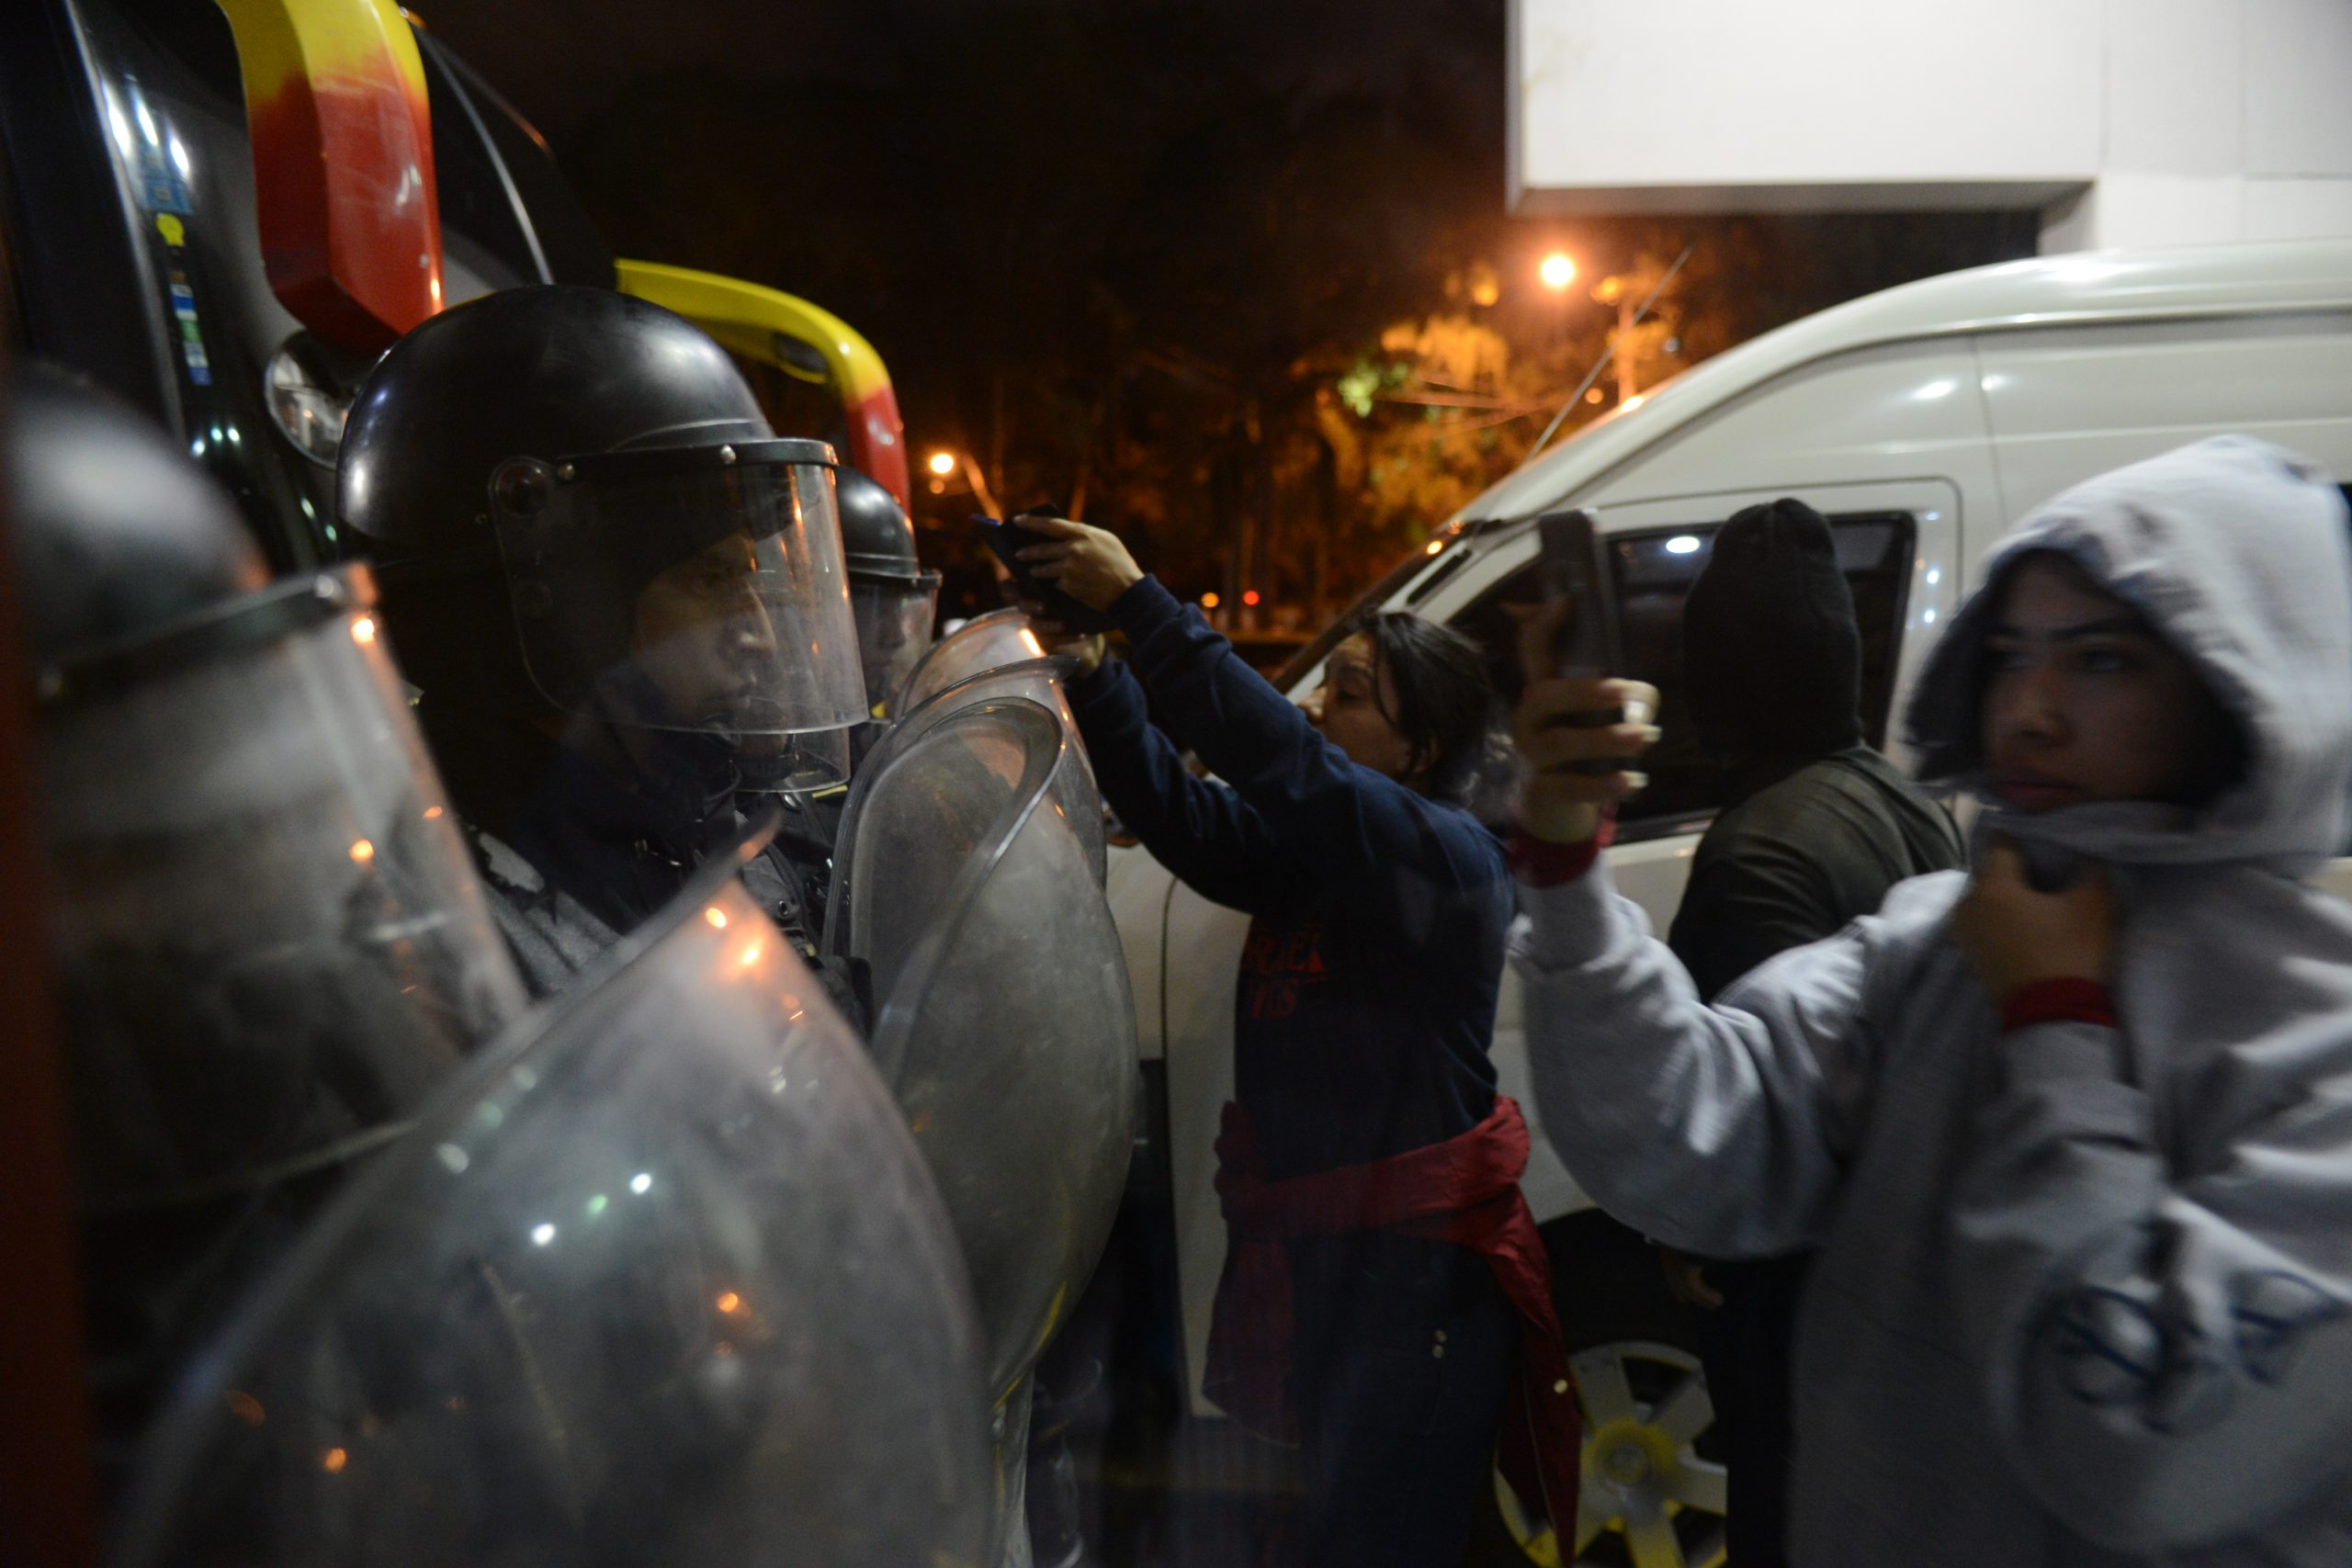 Uno de los momentos de tensión afuera del Hotel Las Américas. Foto: Hugo Navarro